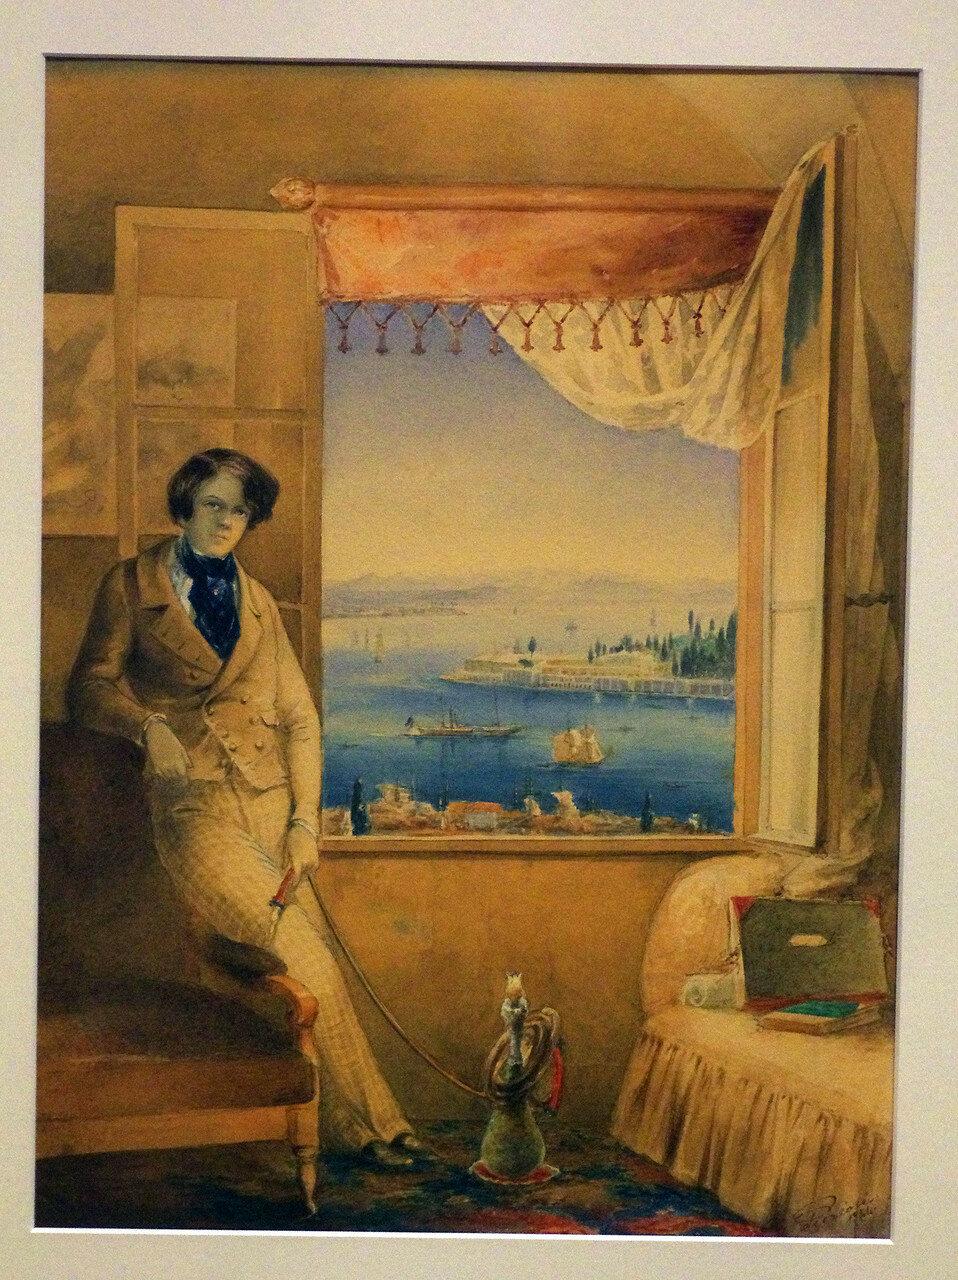 Амедео Прециози. Портрет князя П.П. Вяземского. 1844